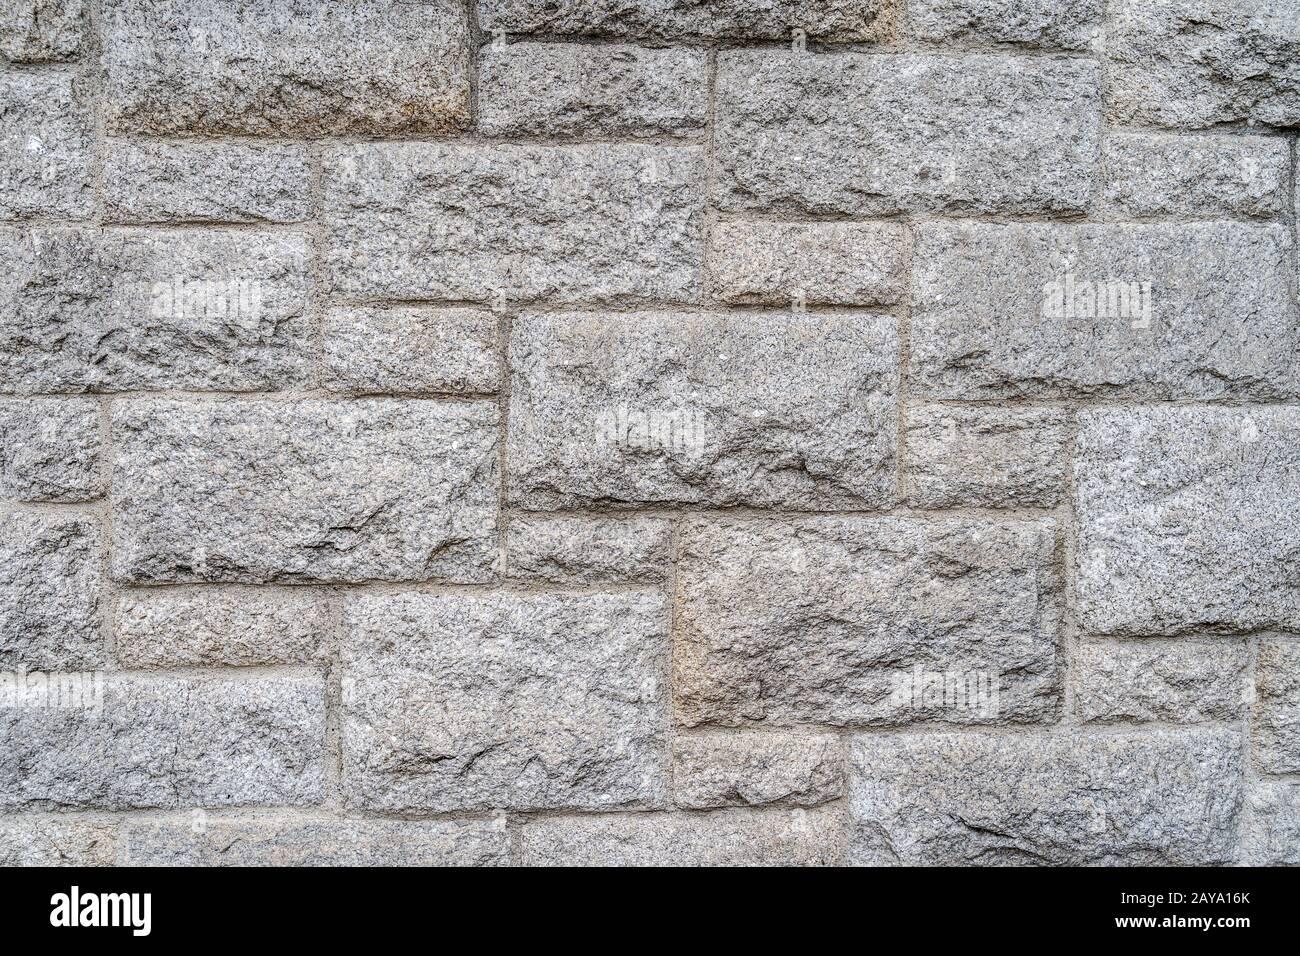 Béton vieilli avec motifs et fissures. Texture et arrière-plan de haute qualité Banque D'Images